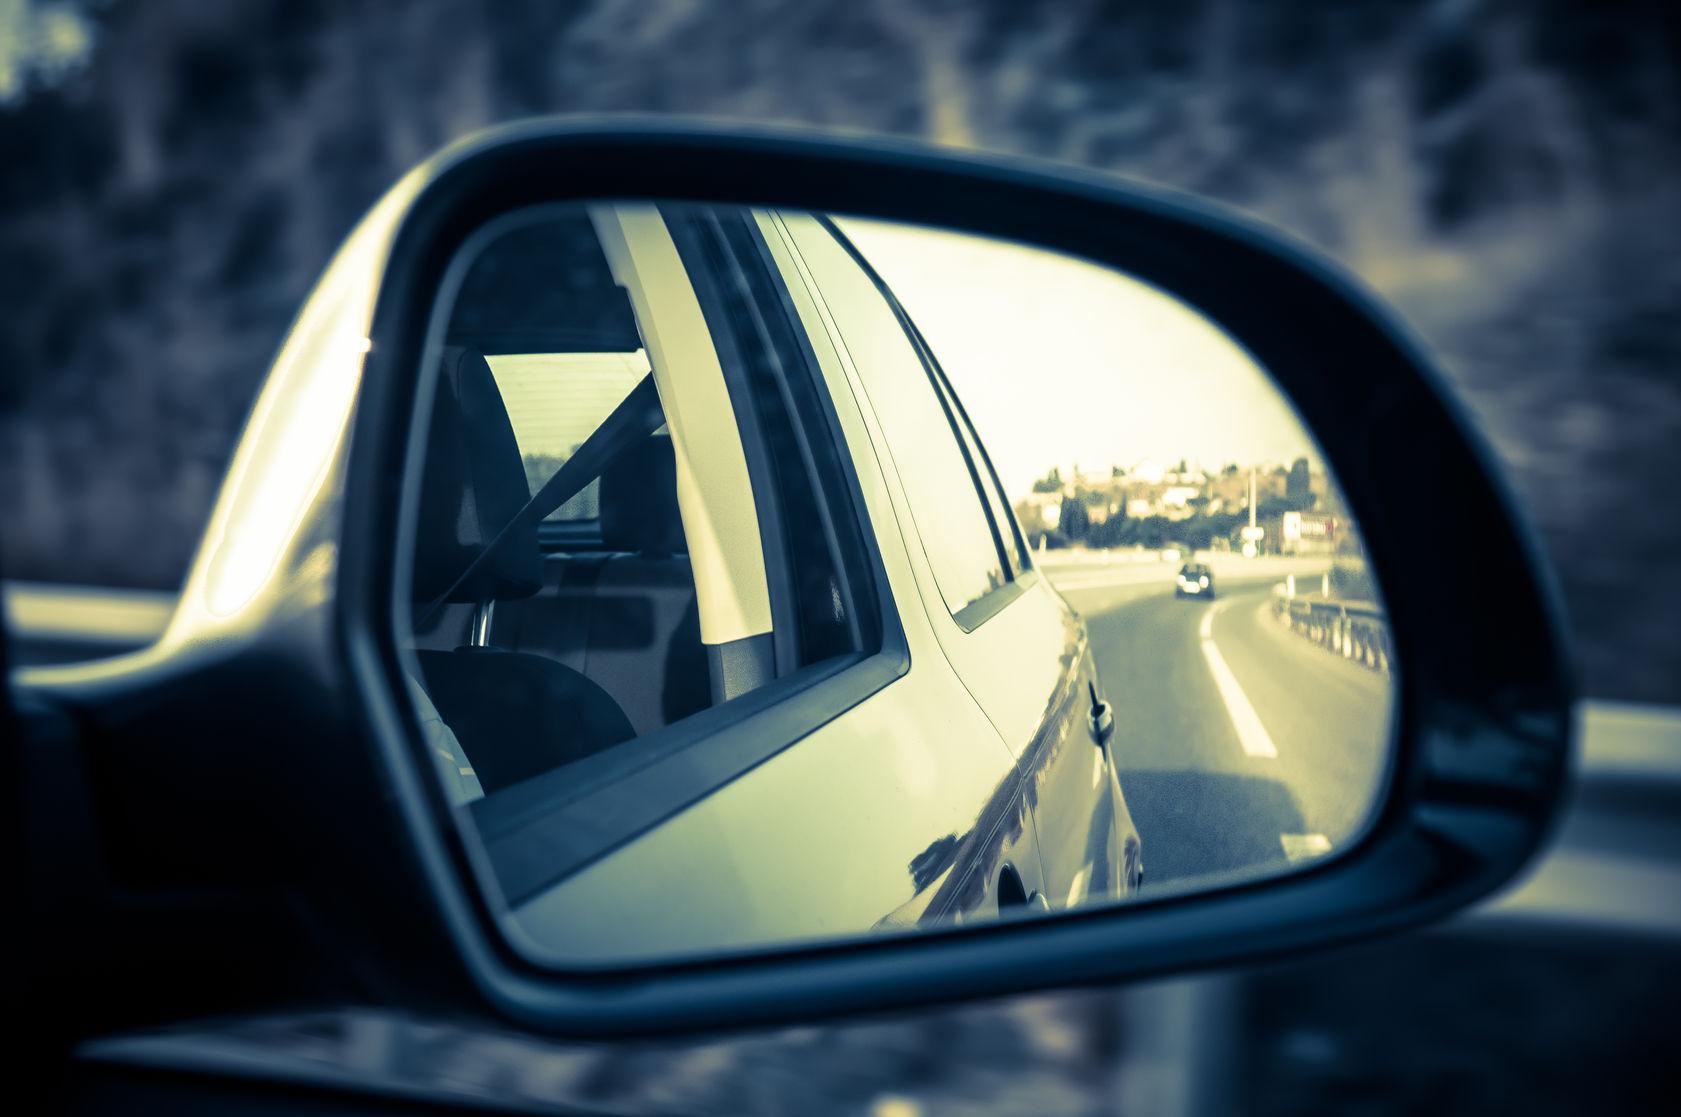 Extrem Außenspiegel | SILUX.AT GP95